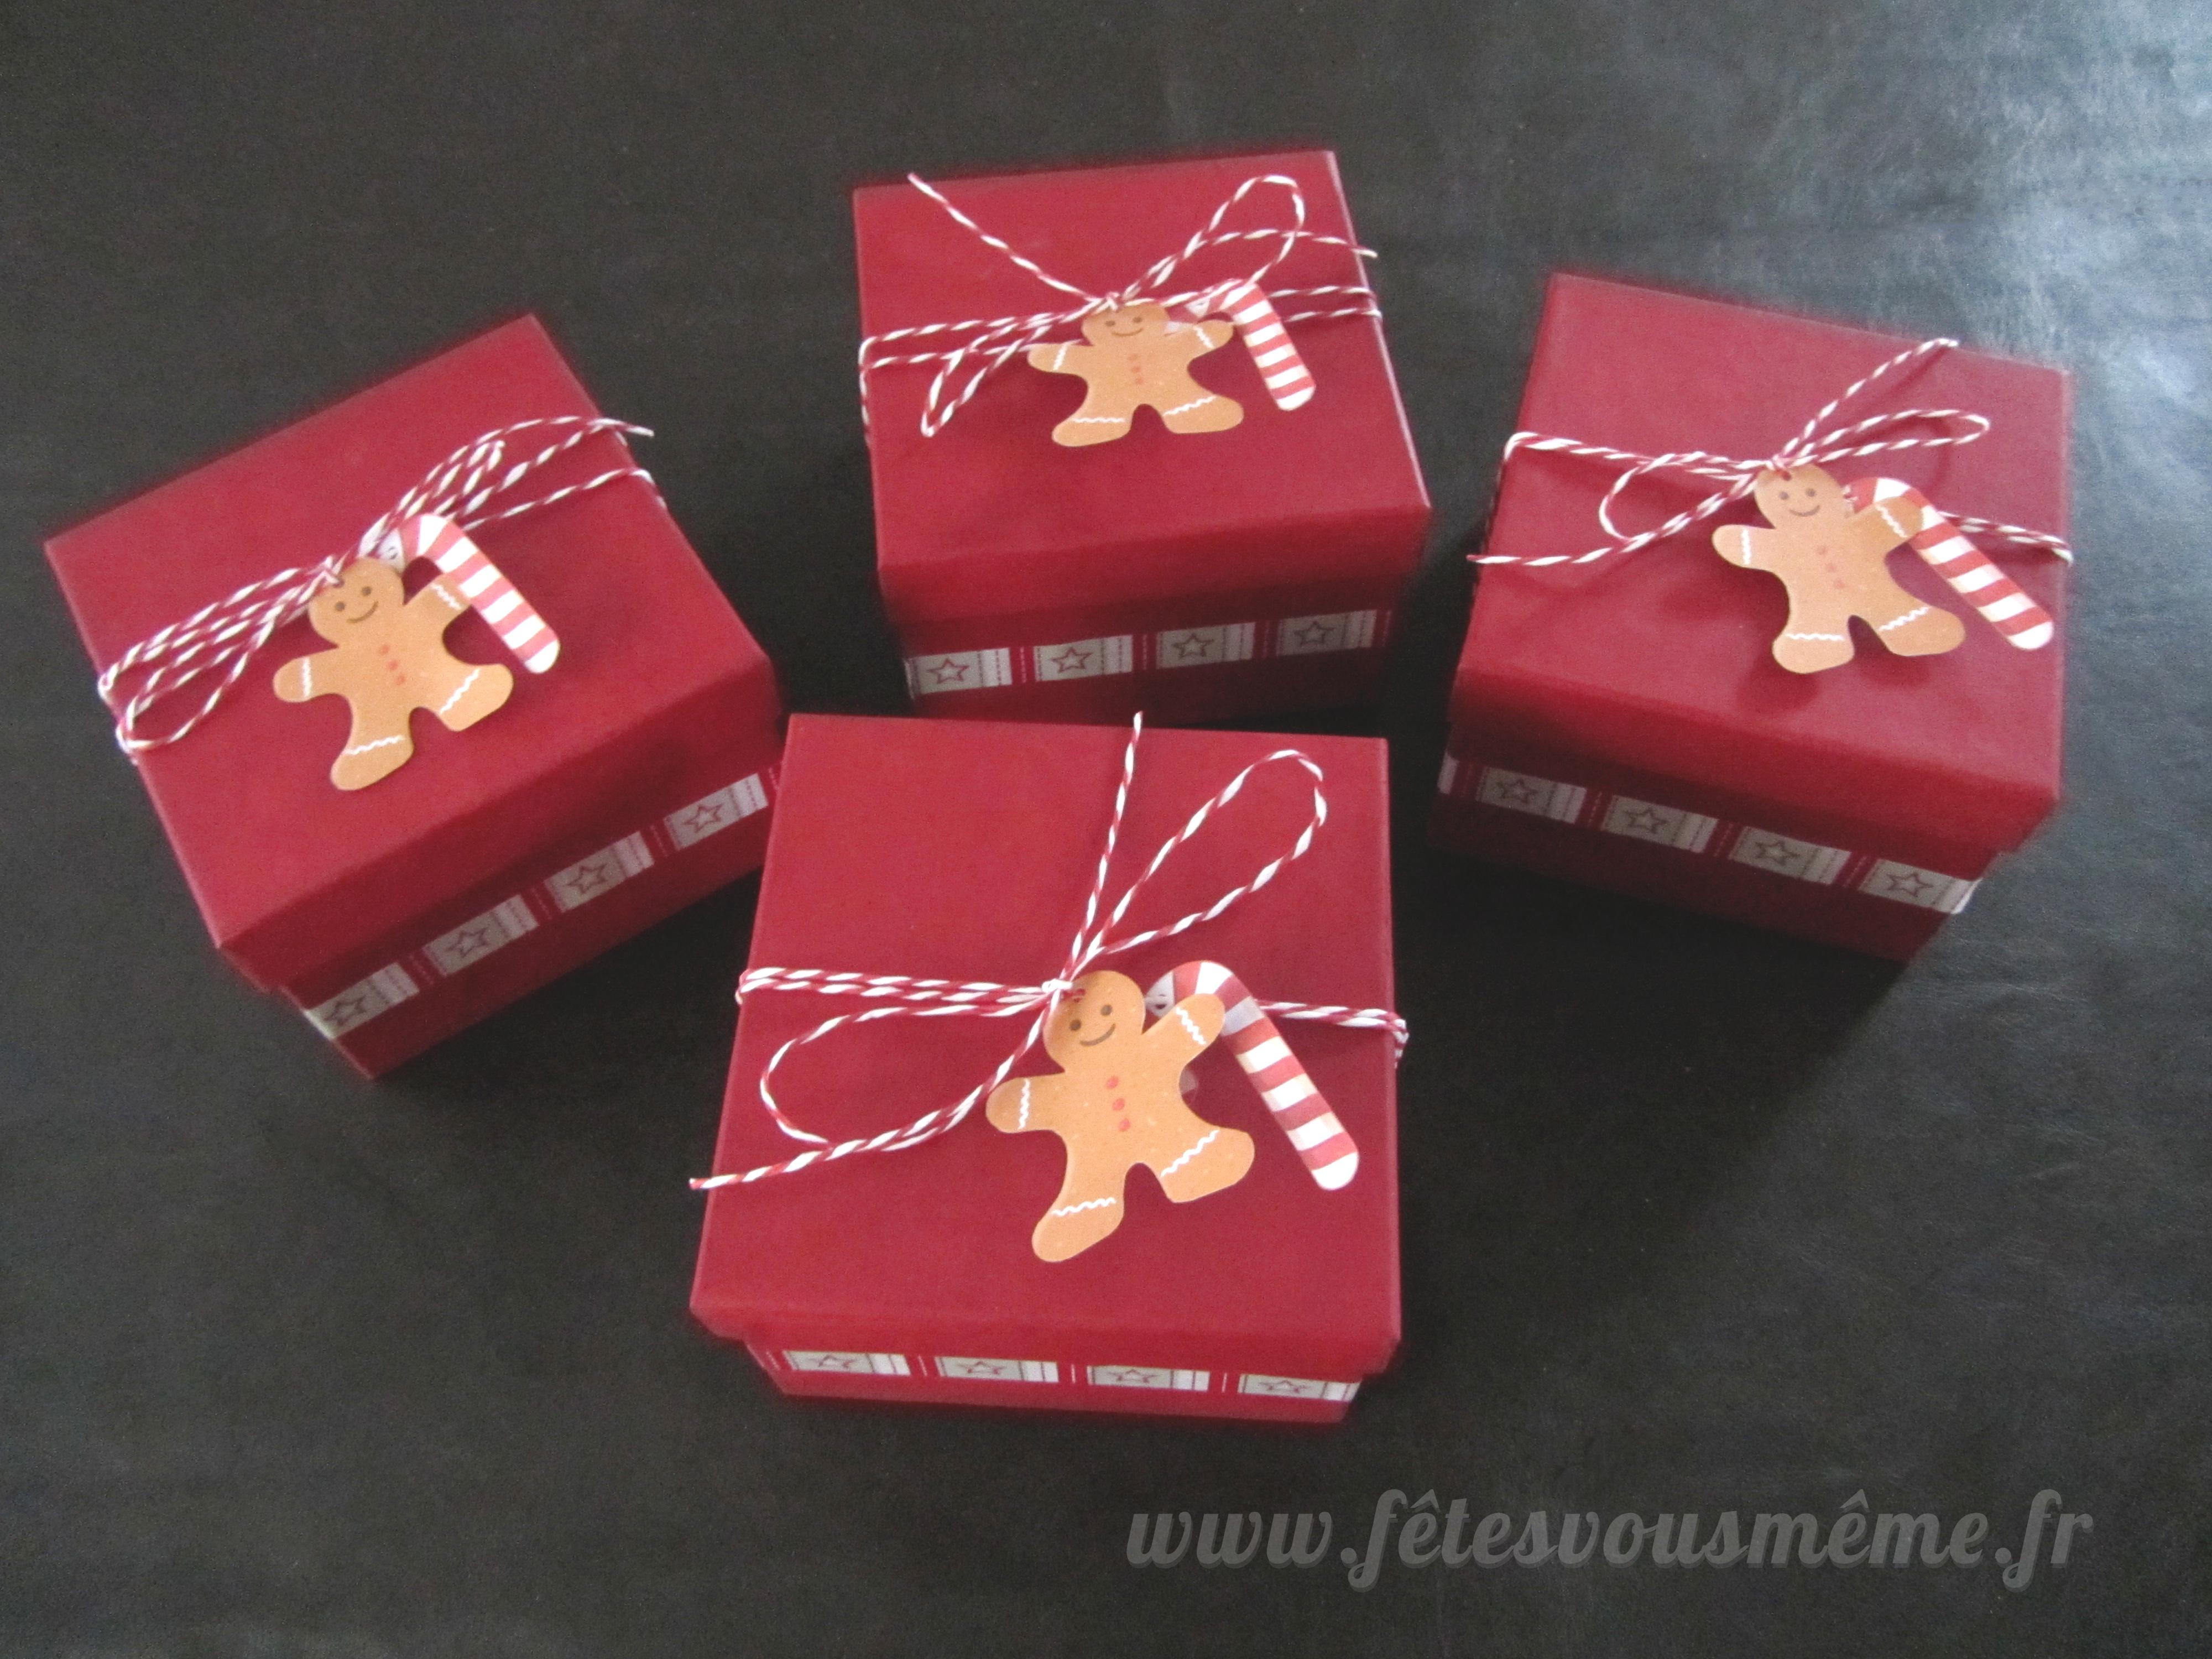 Cadeau fait main pour noel fashion designs - Cadeau fait main pour noel ...